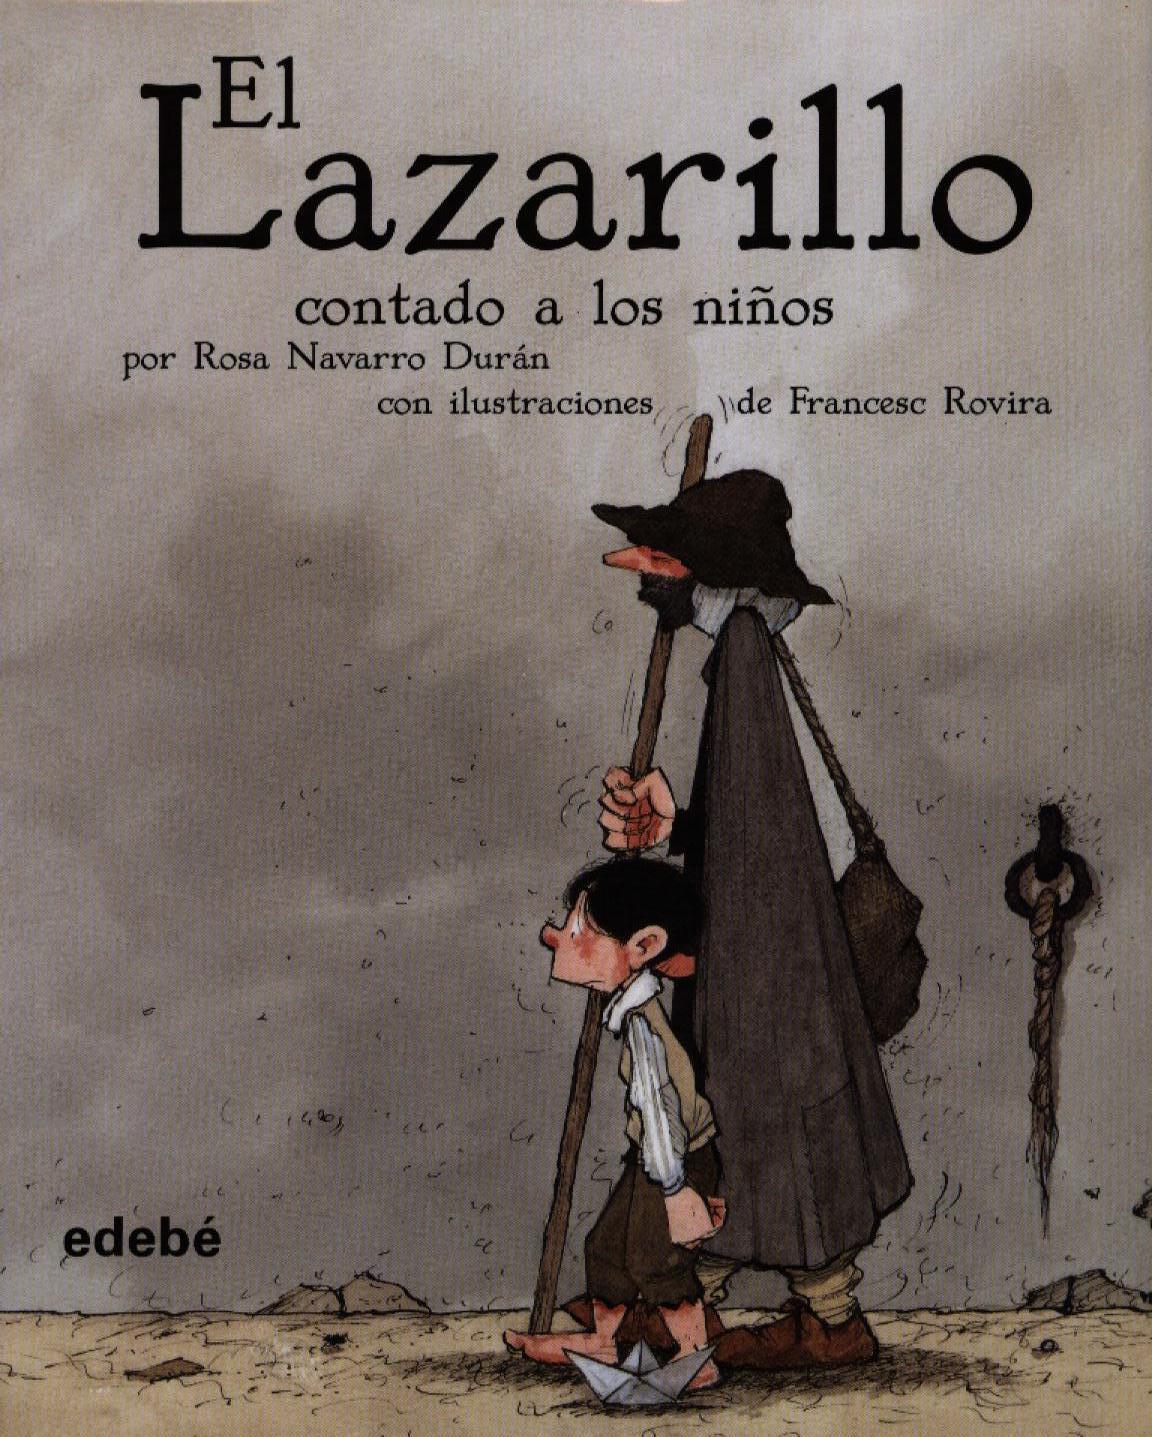 Resultado de imagen de El Lazarillo contado a los niños